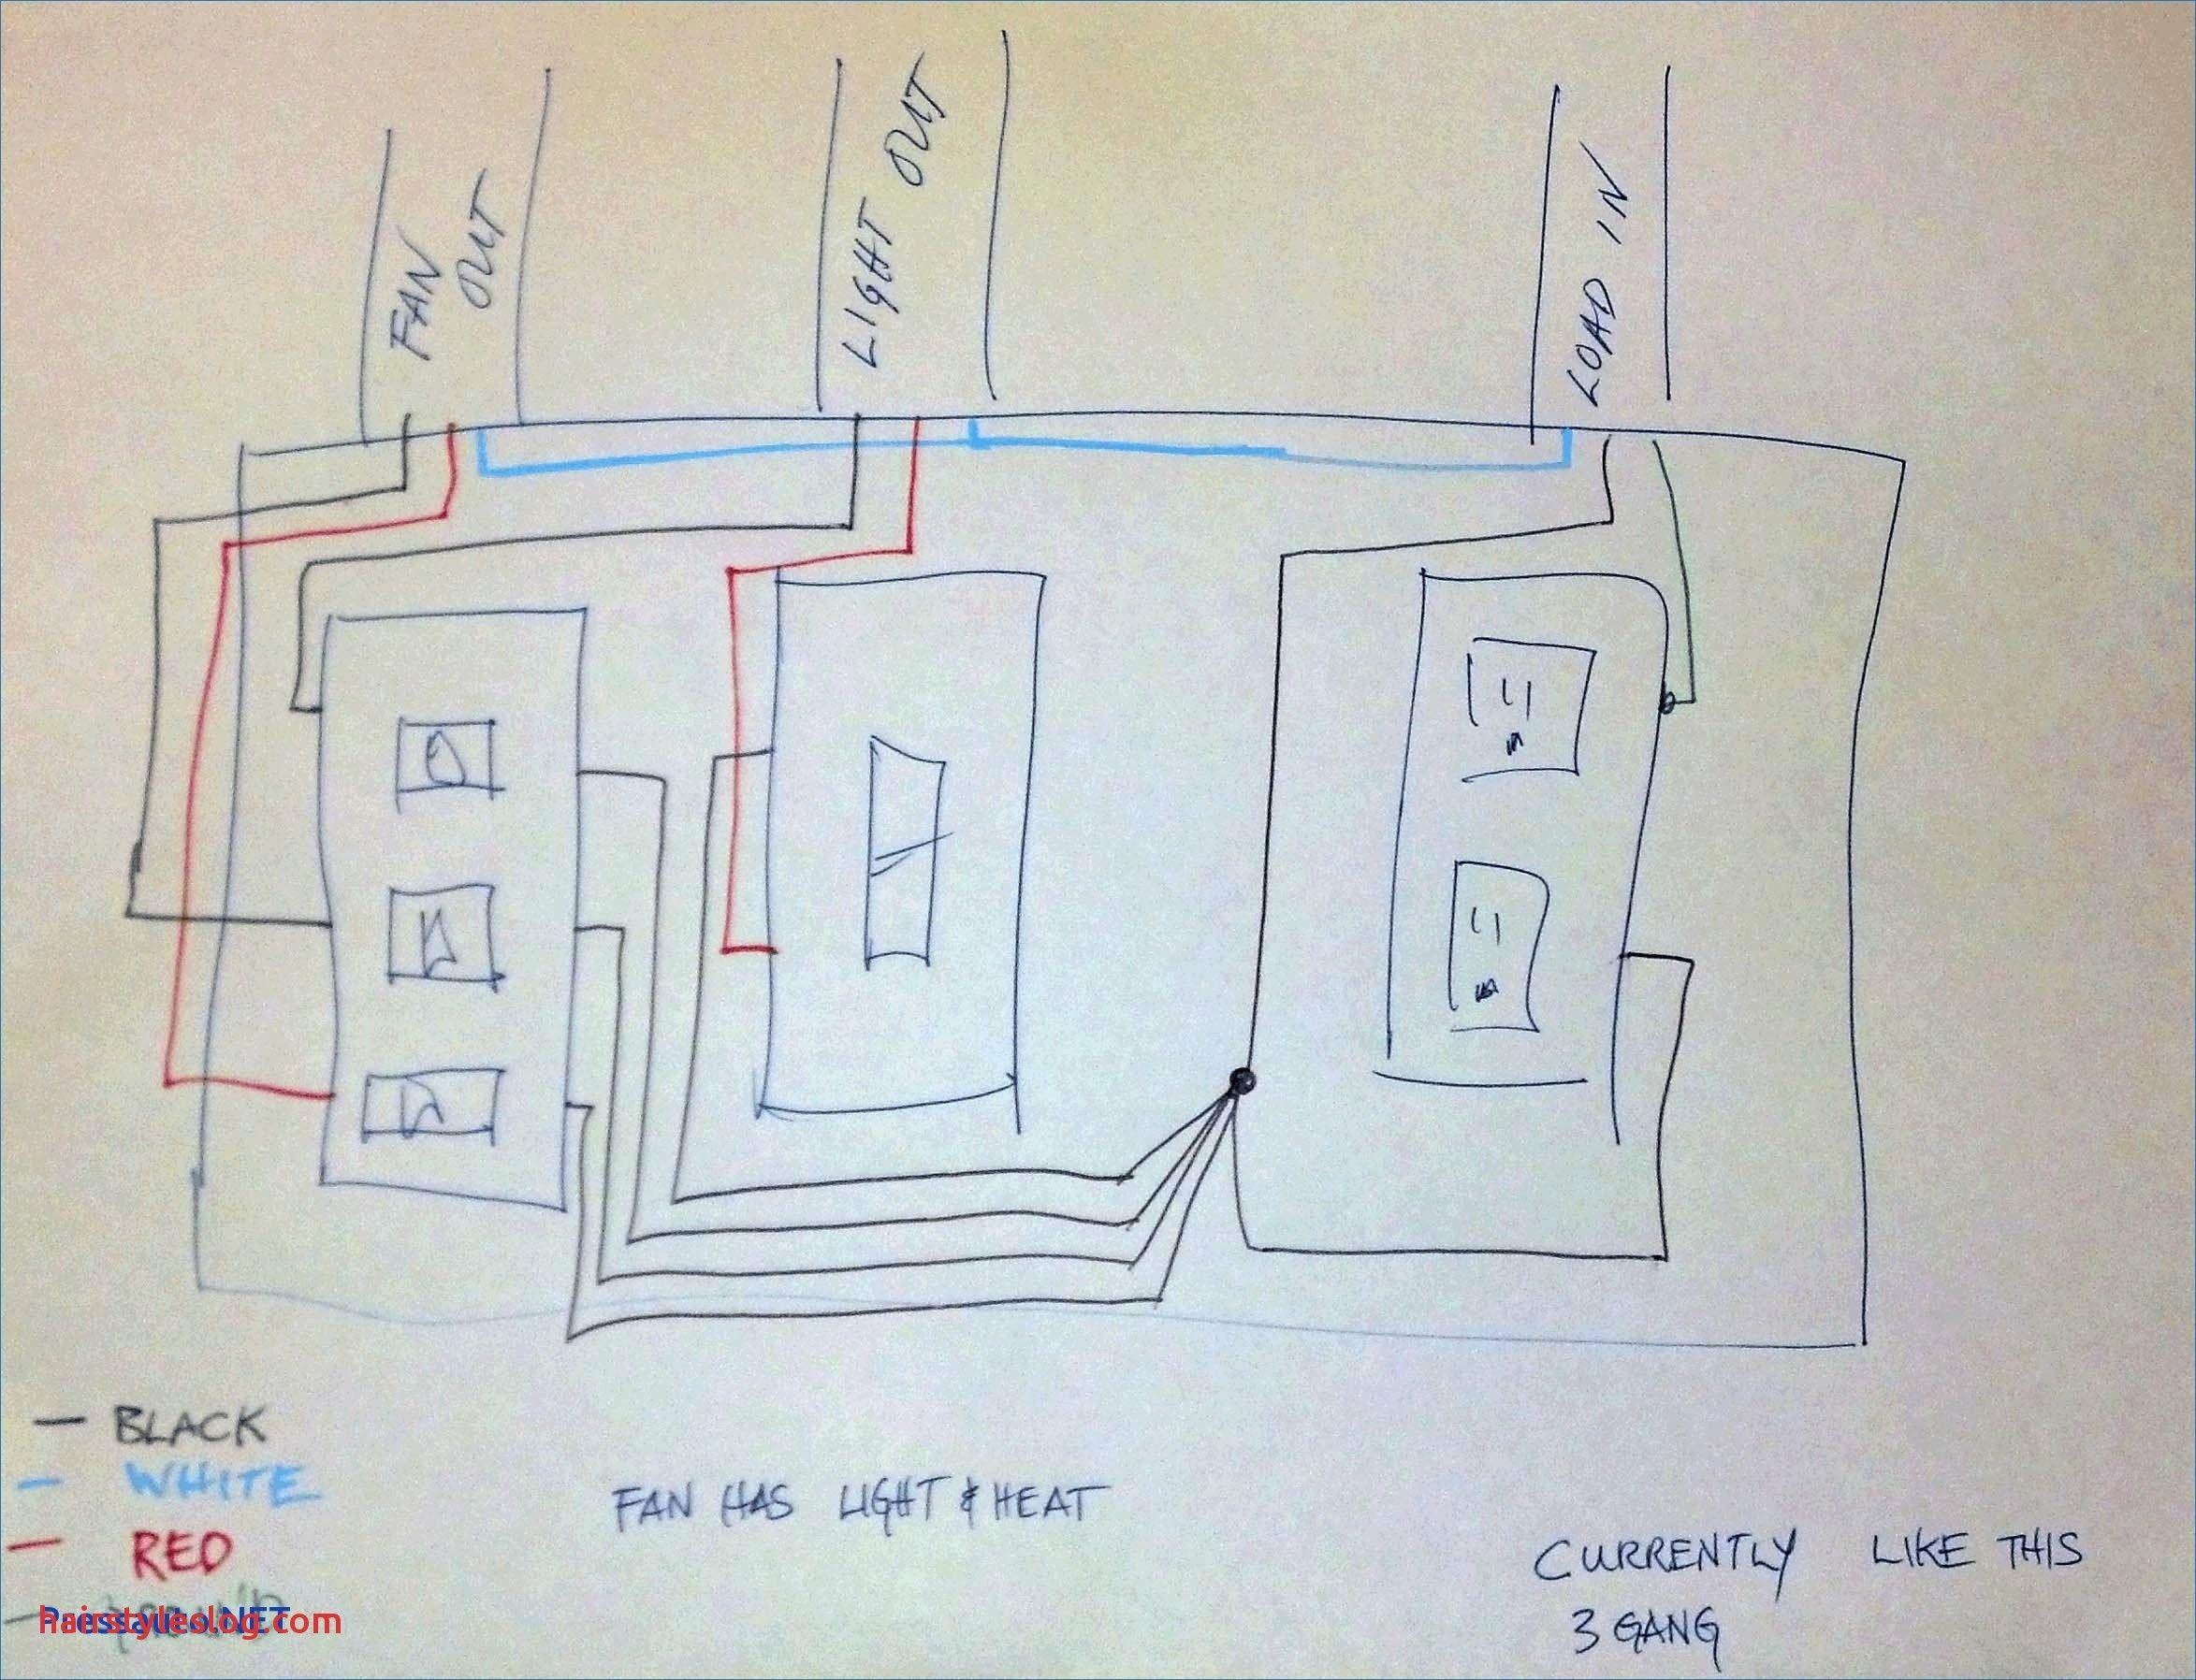 Unique Bathroom Wiring Diagram Gfci | Bathroom heater fan, Bathroom fan  light, Replacing bathroom fan | Bathroom Mirror Wiring Diagram |  | Pinterest